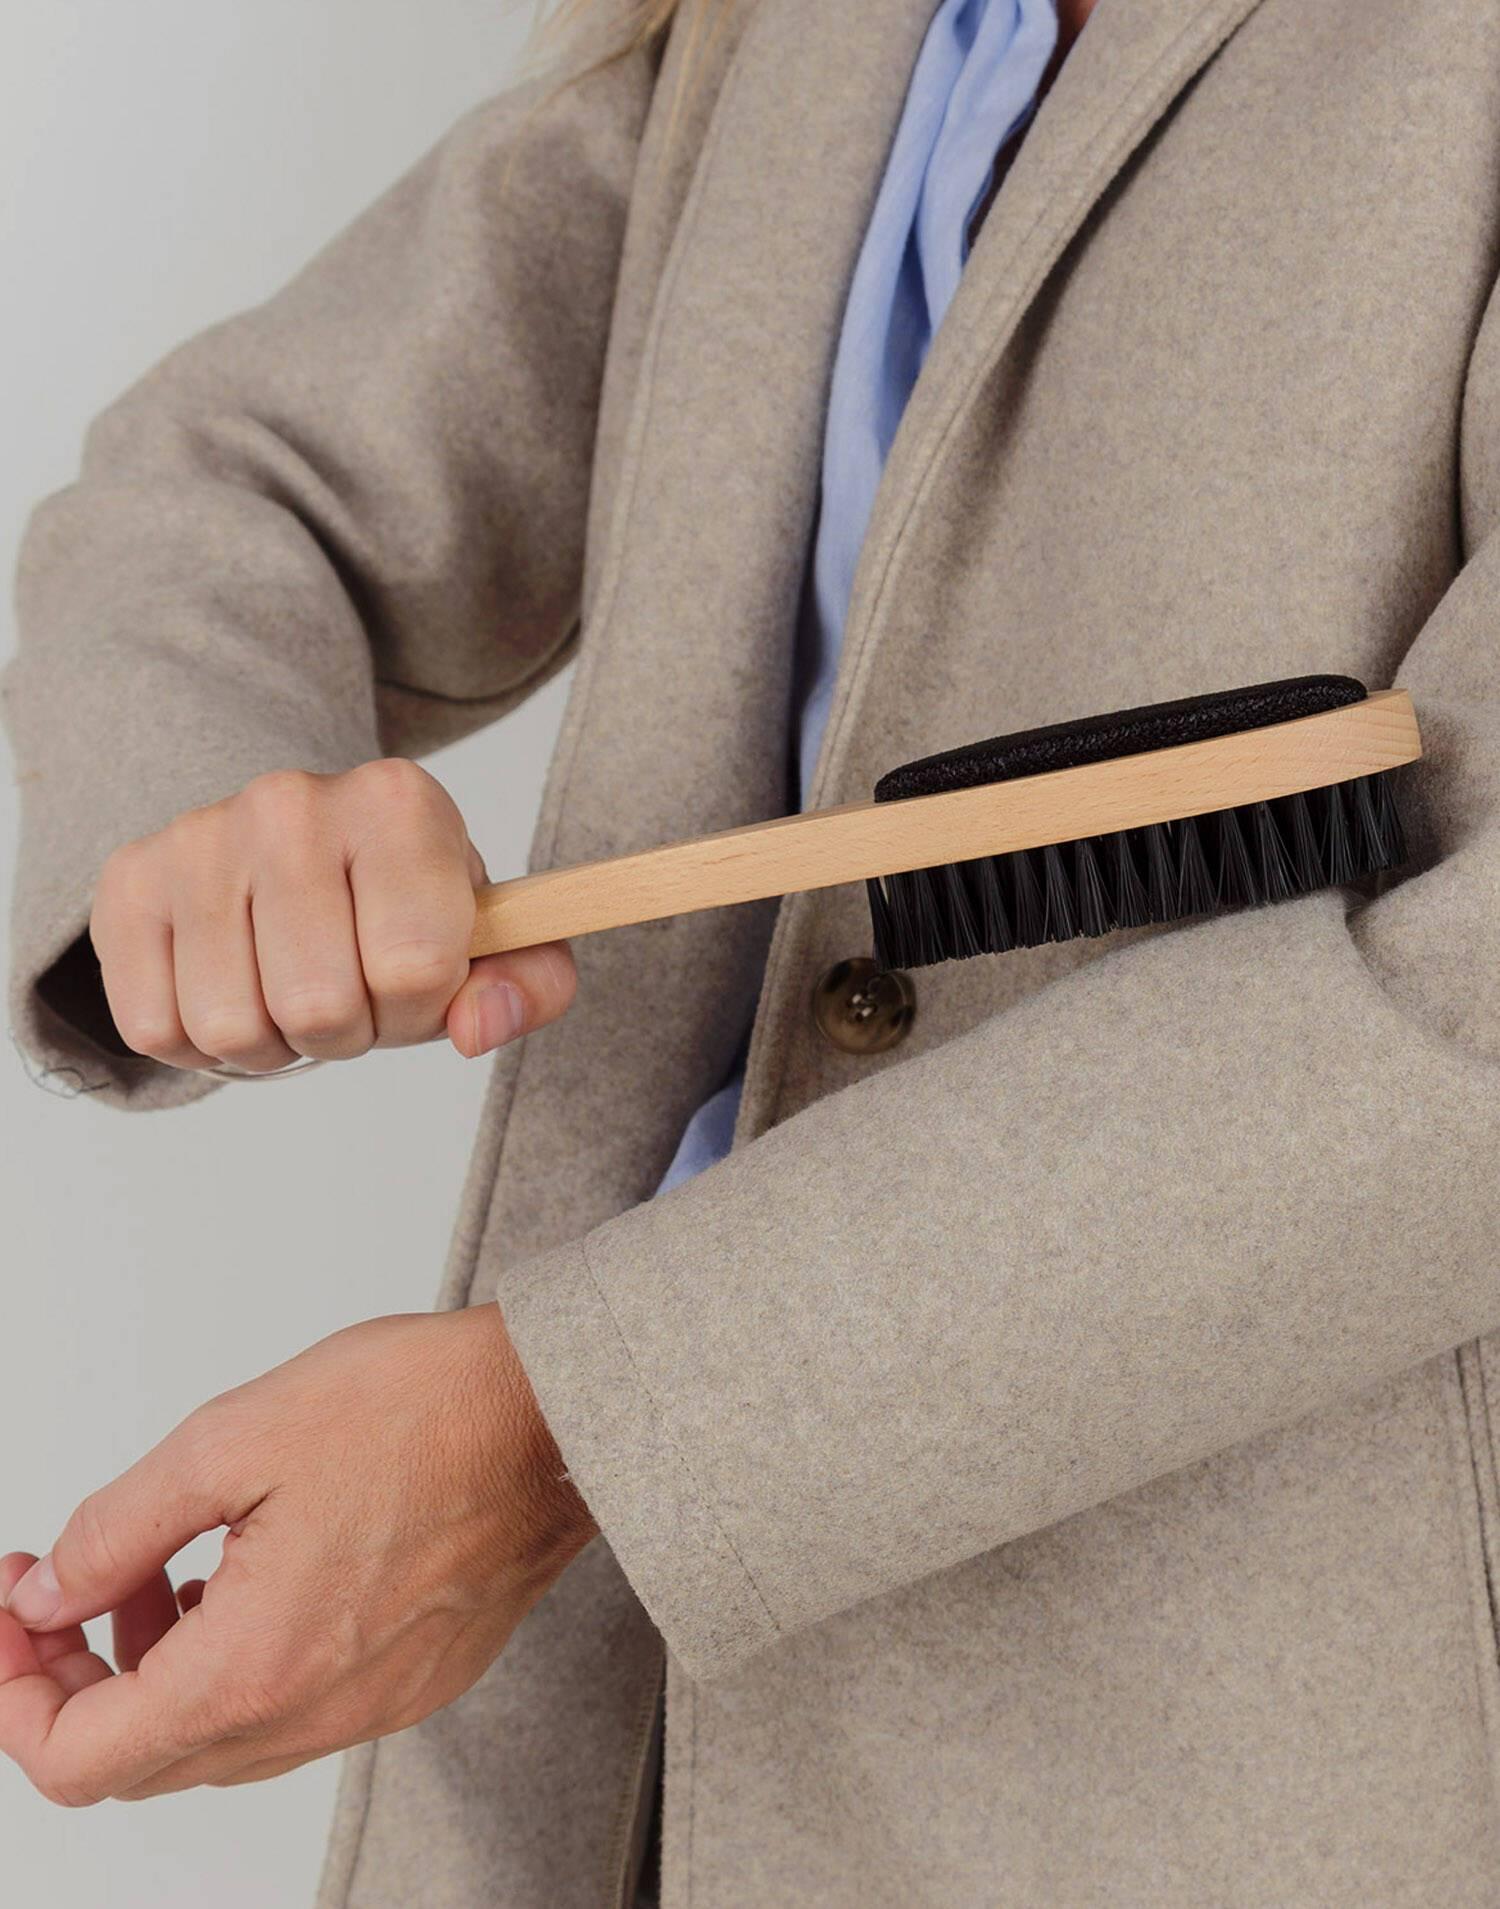 Cepillo, calzador y quitapelusas